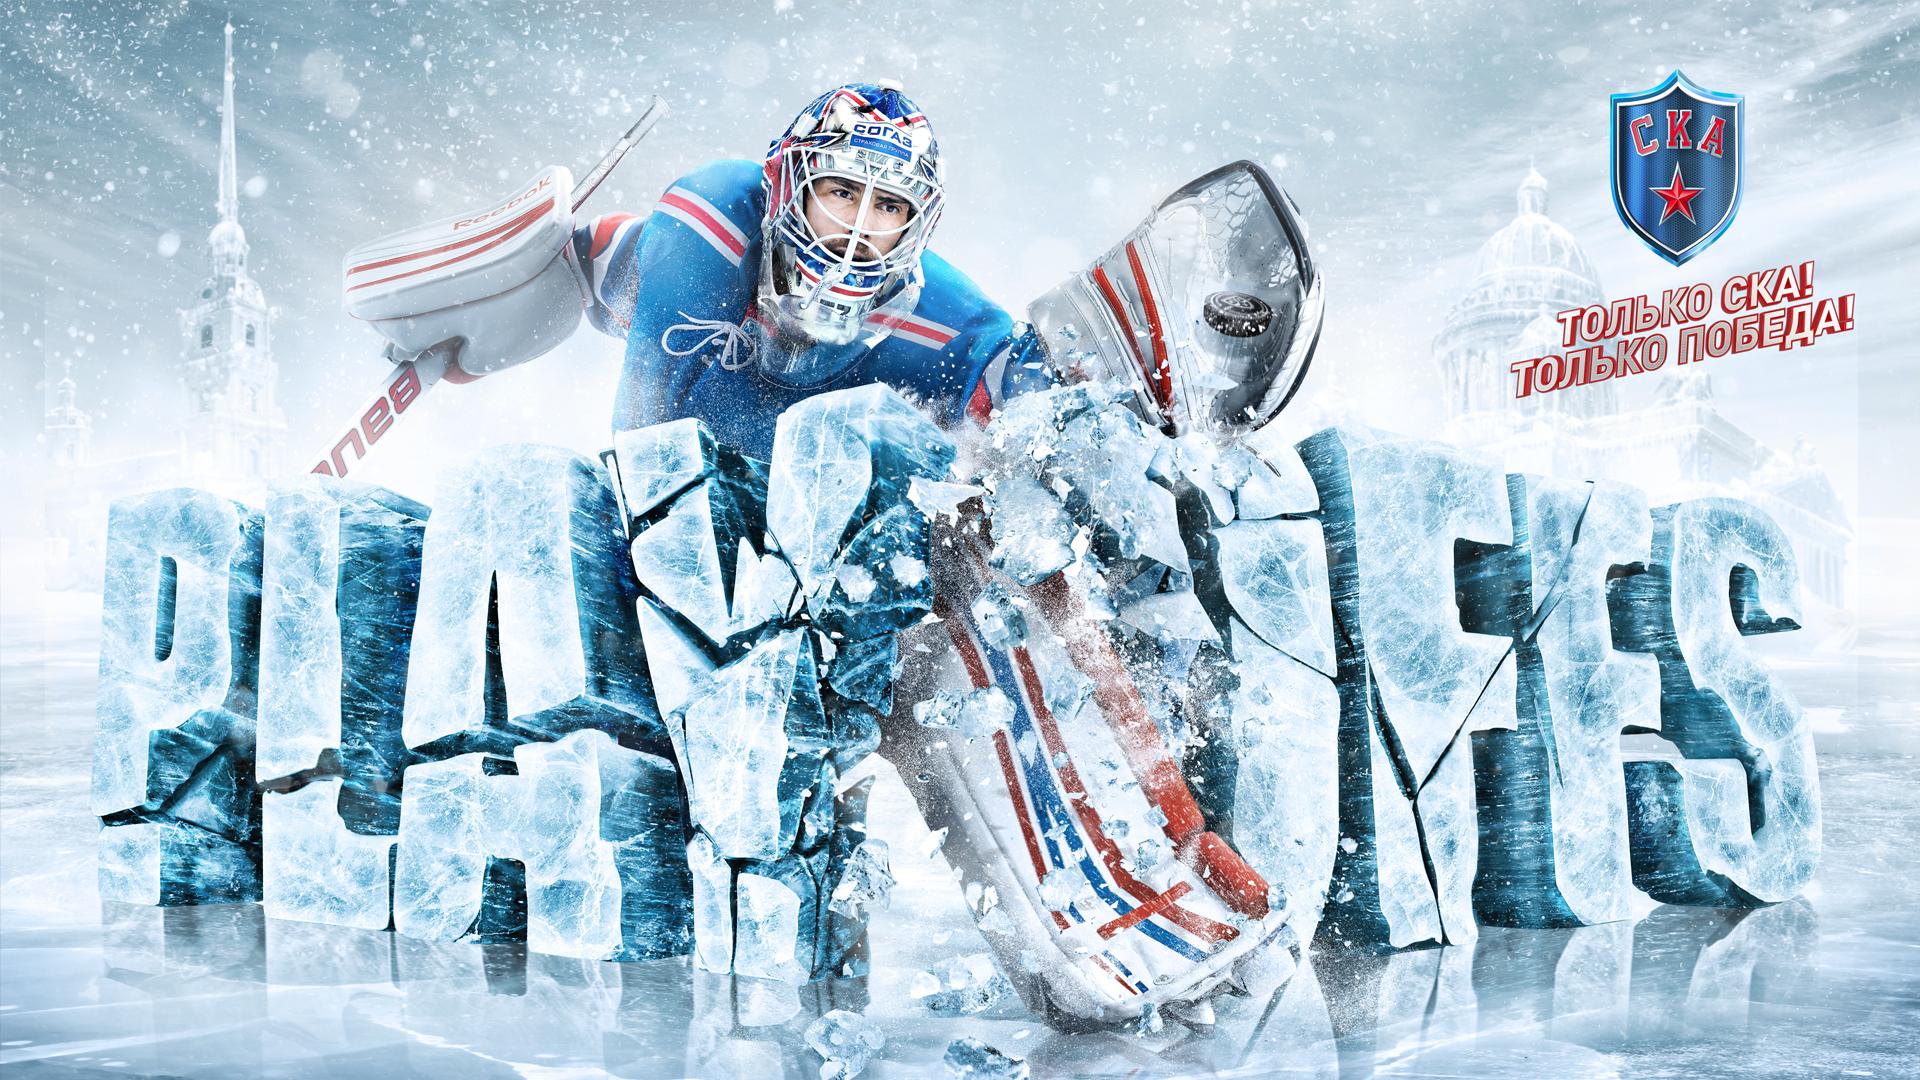 Кадры из фильма хоккей ска металлург смотреть онлайн